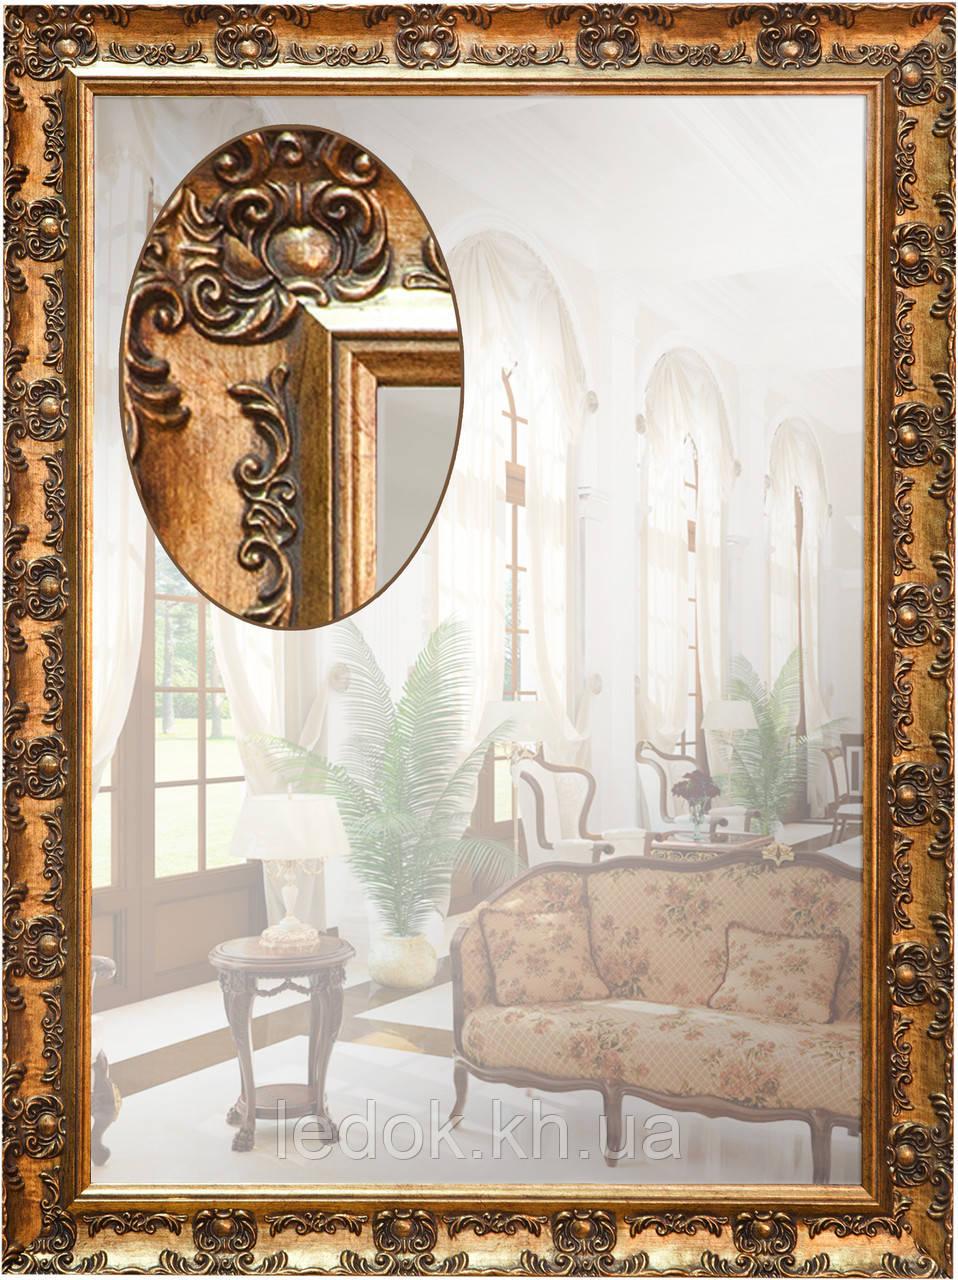 Зеркало в золотой раме Под заказ